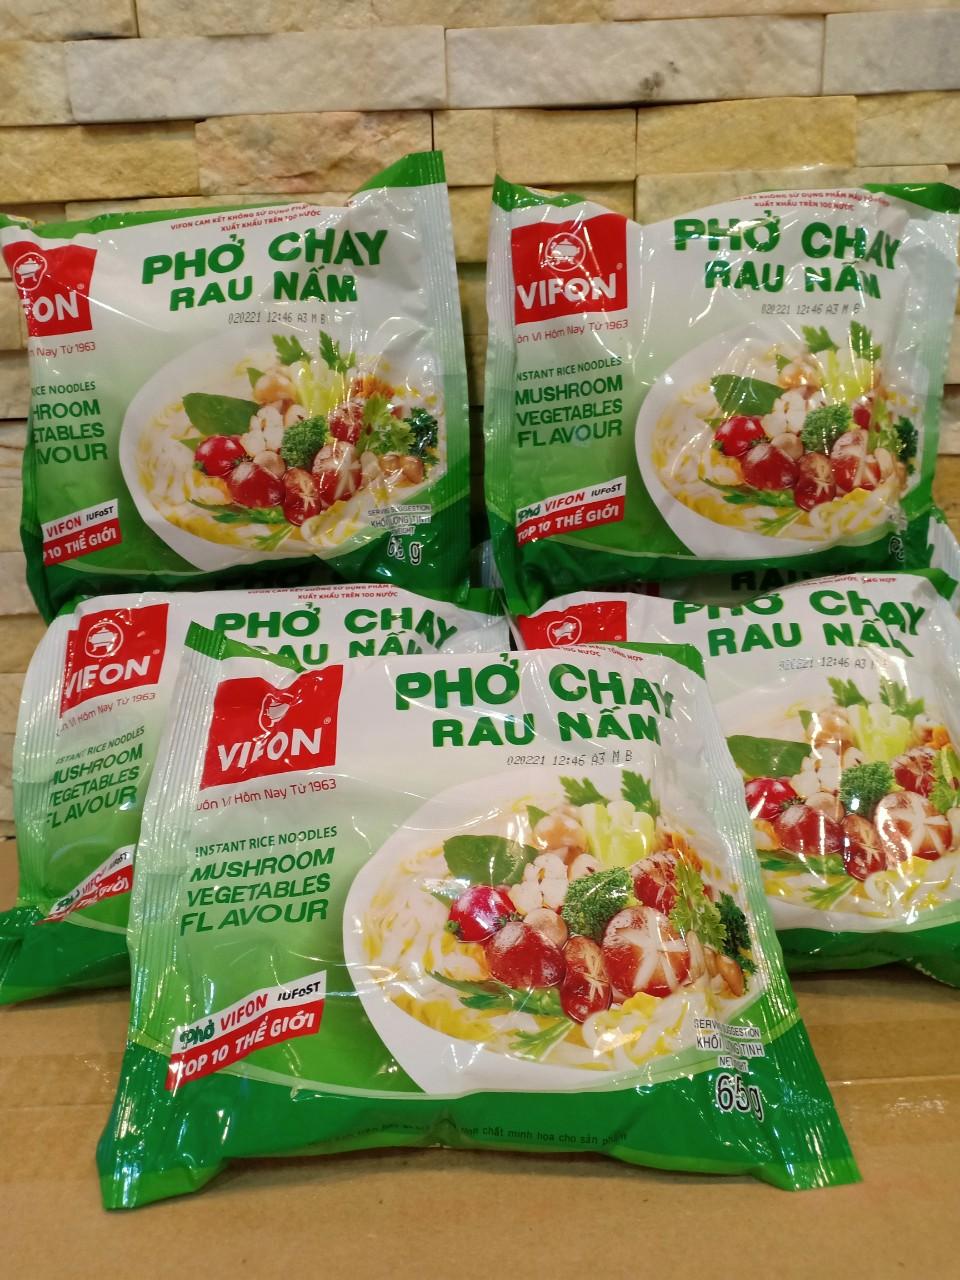 PHỞ CHAY  RAU NẤM VIFON 65 GAM/GÓI